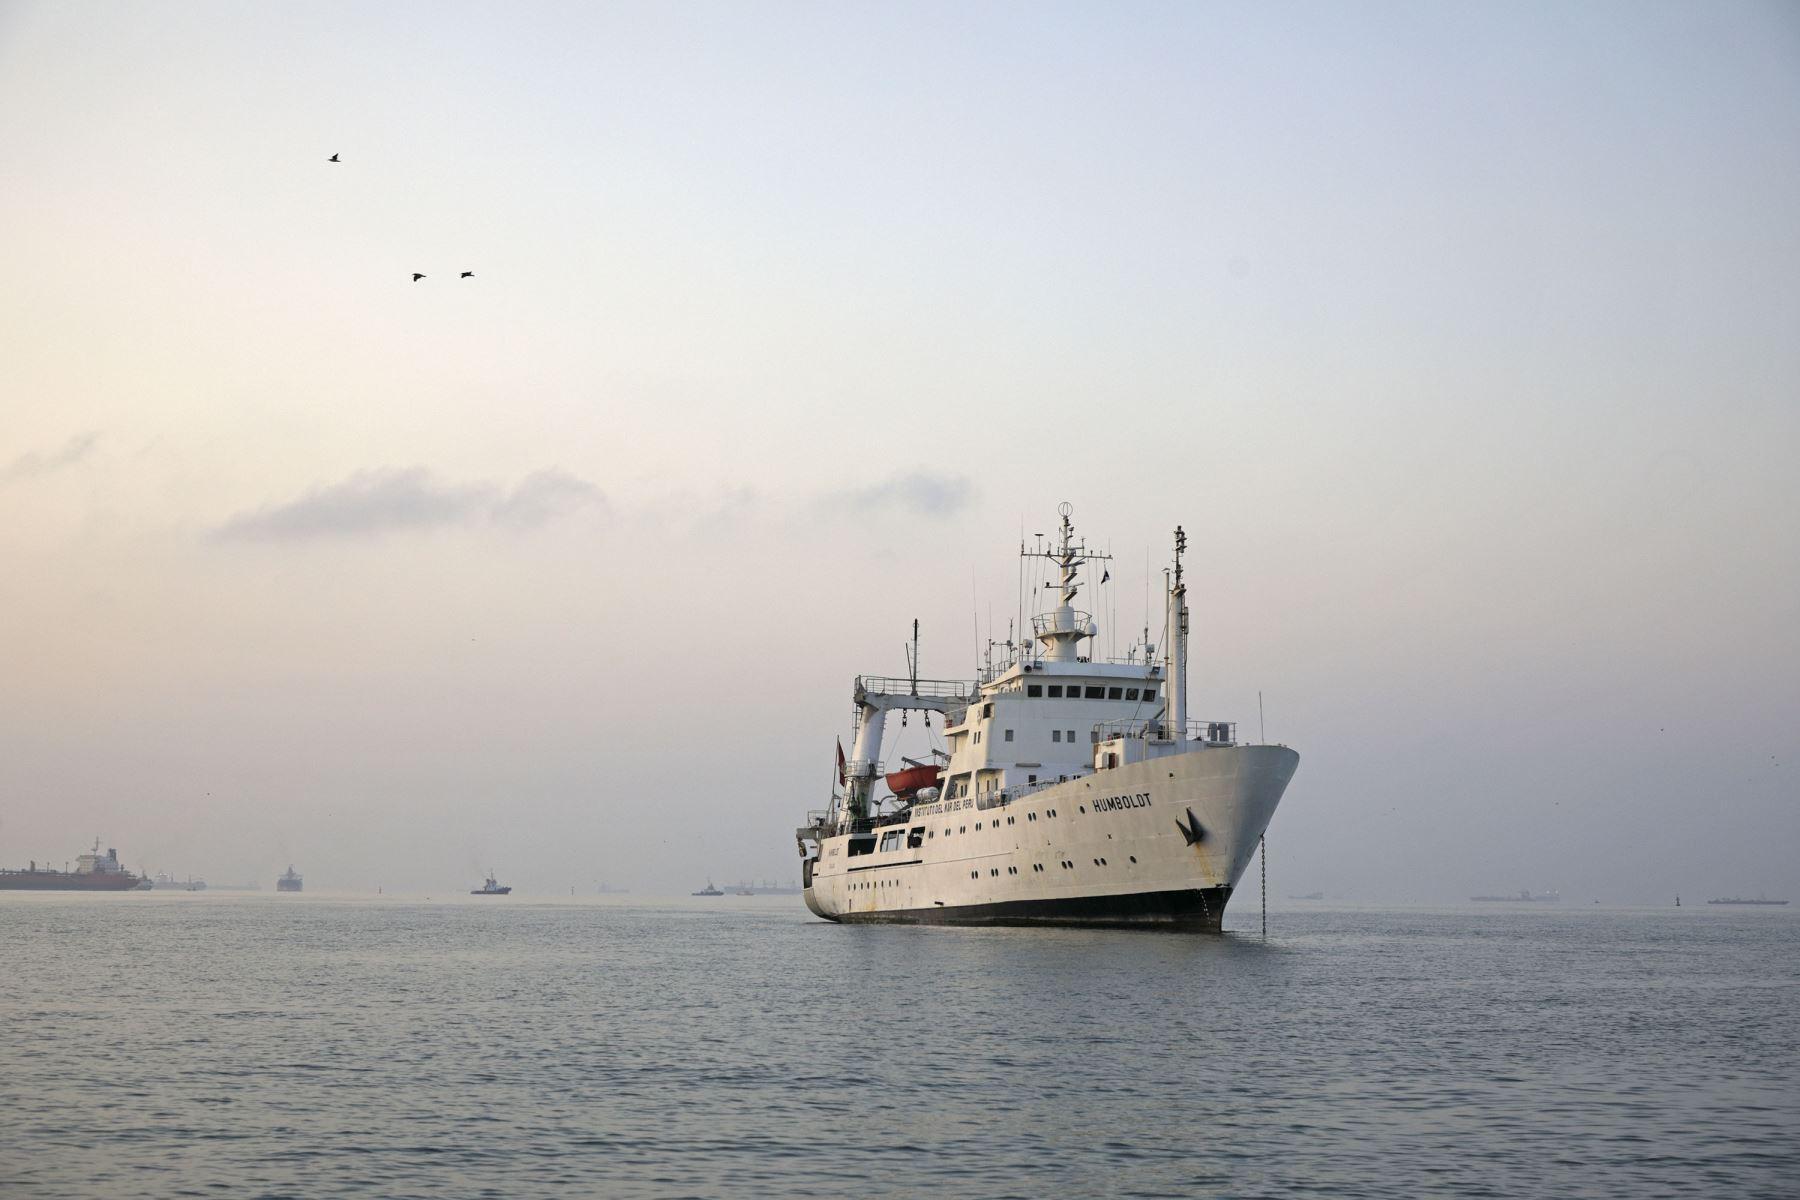 Barco de Investigación Científica Humboldt. Foto: Cortesía.